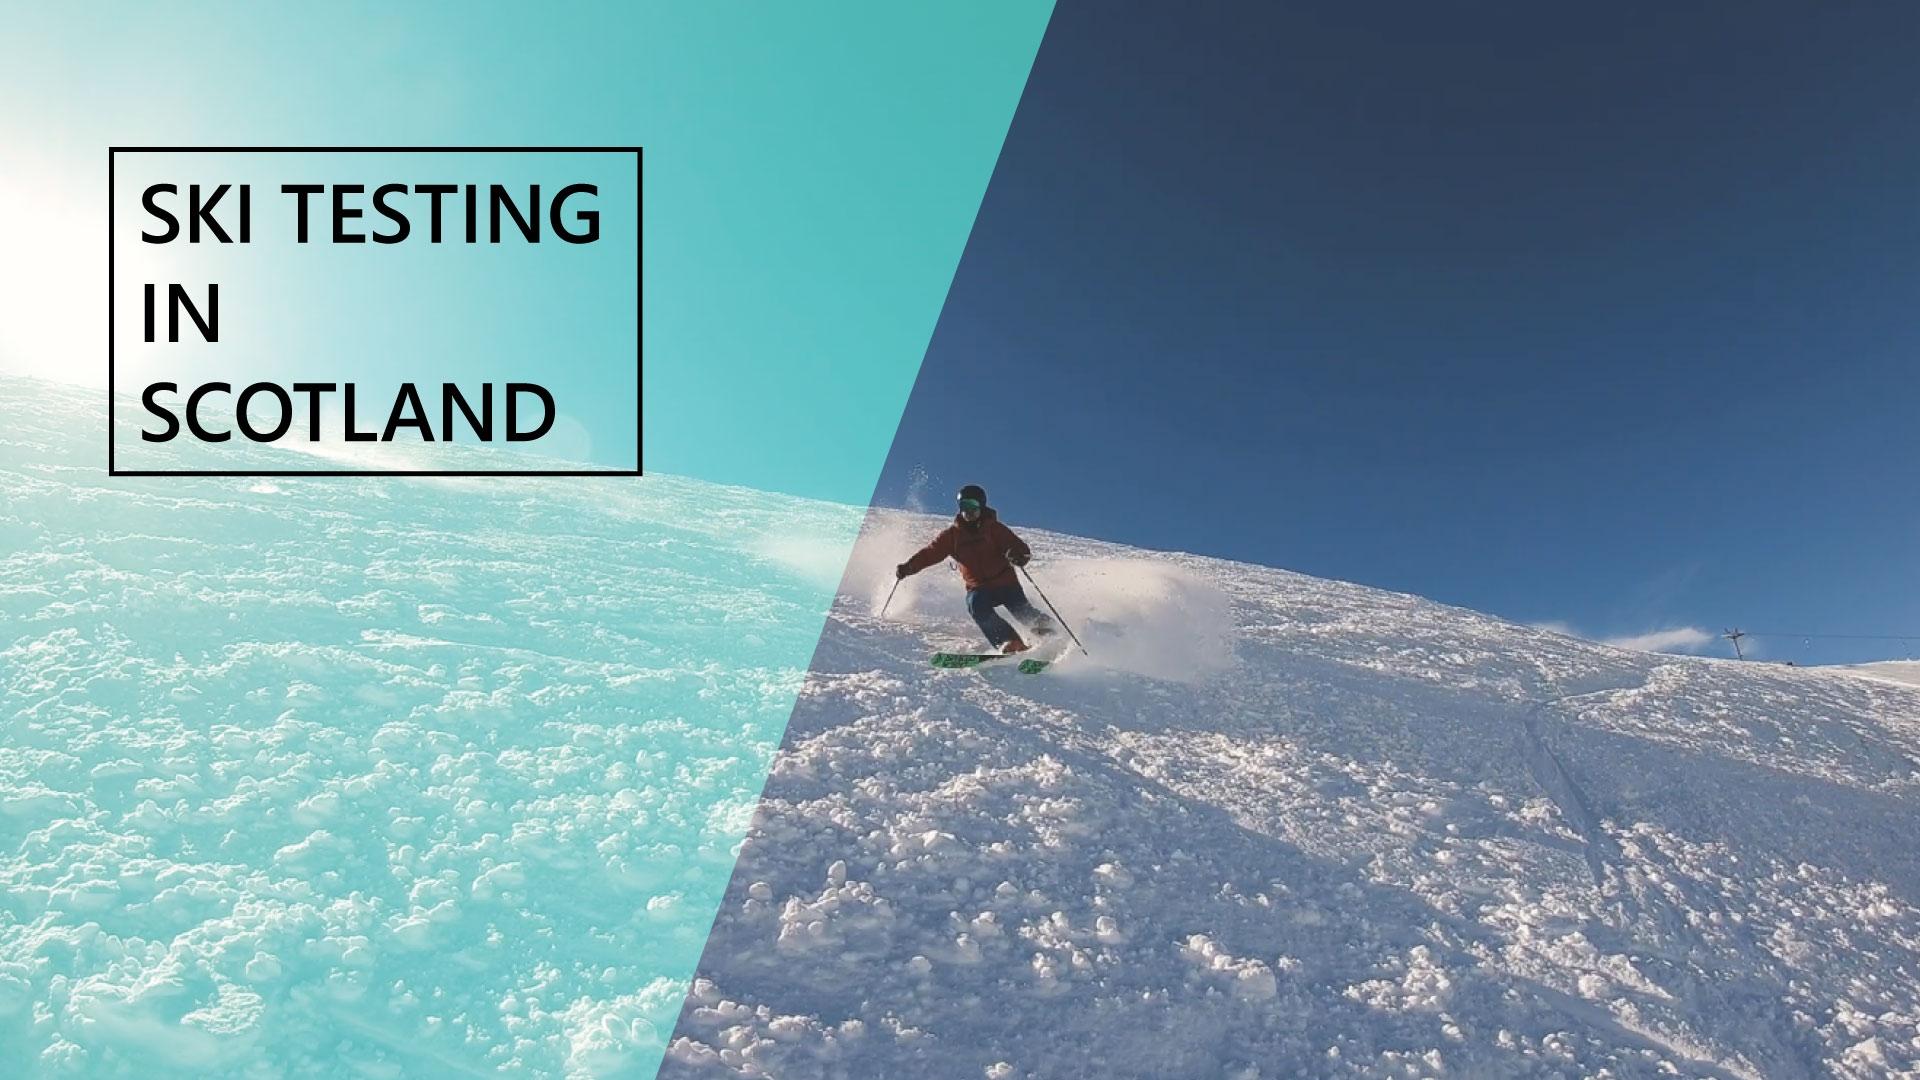 Ski Testing In Scotland!